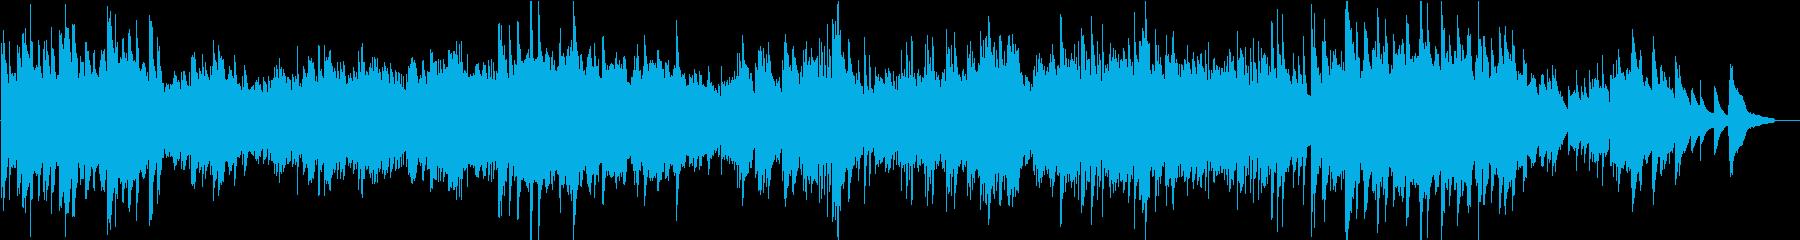 森の中で深呼吸しているような曲の再生済みの波形